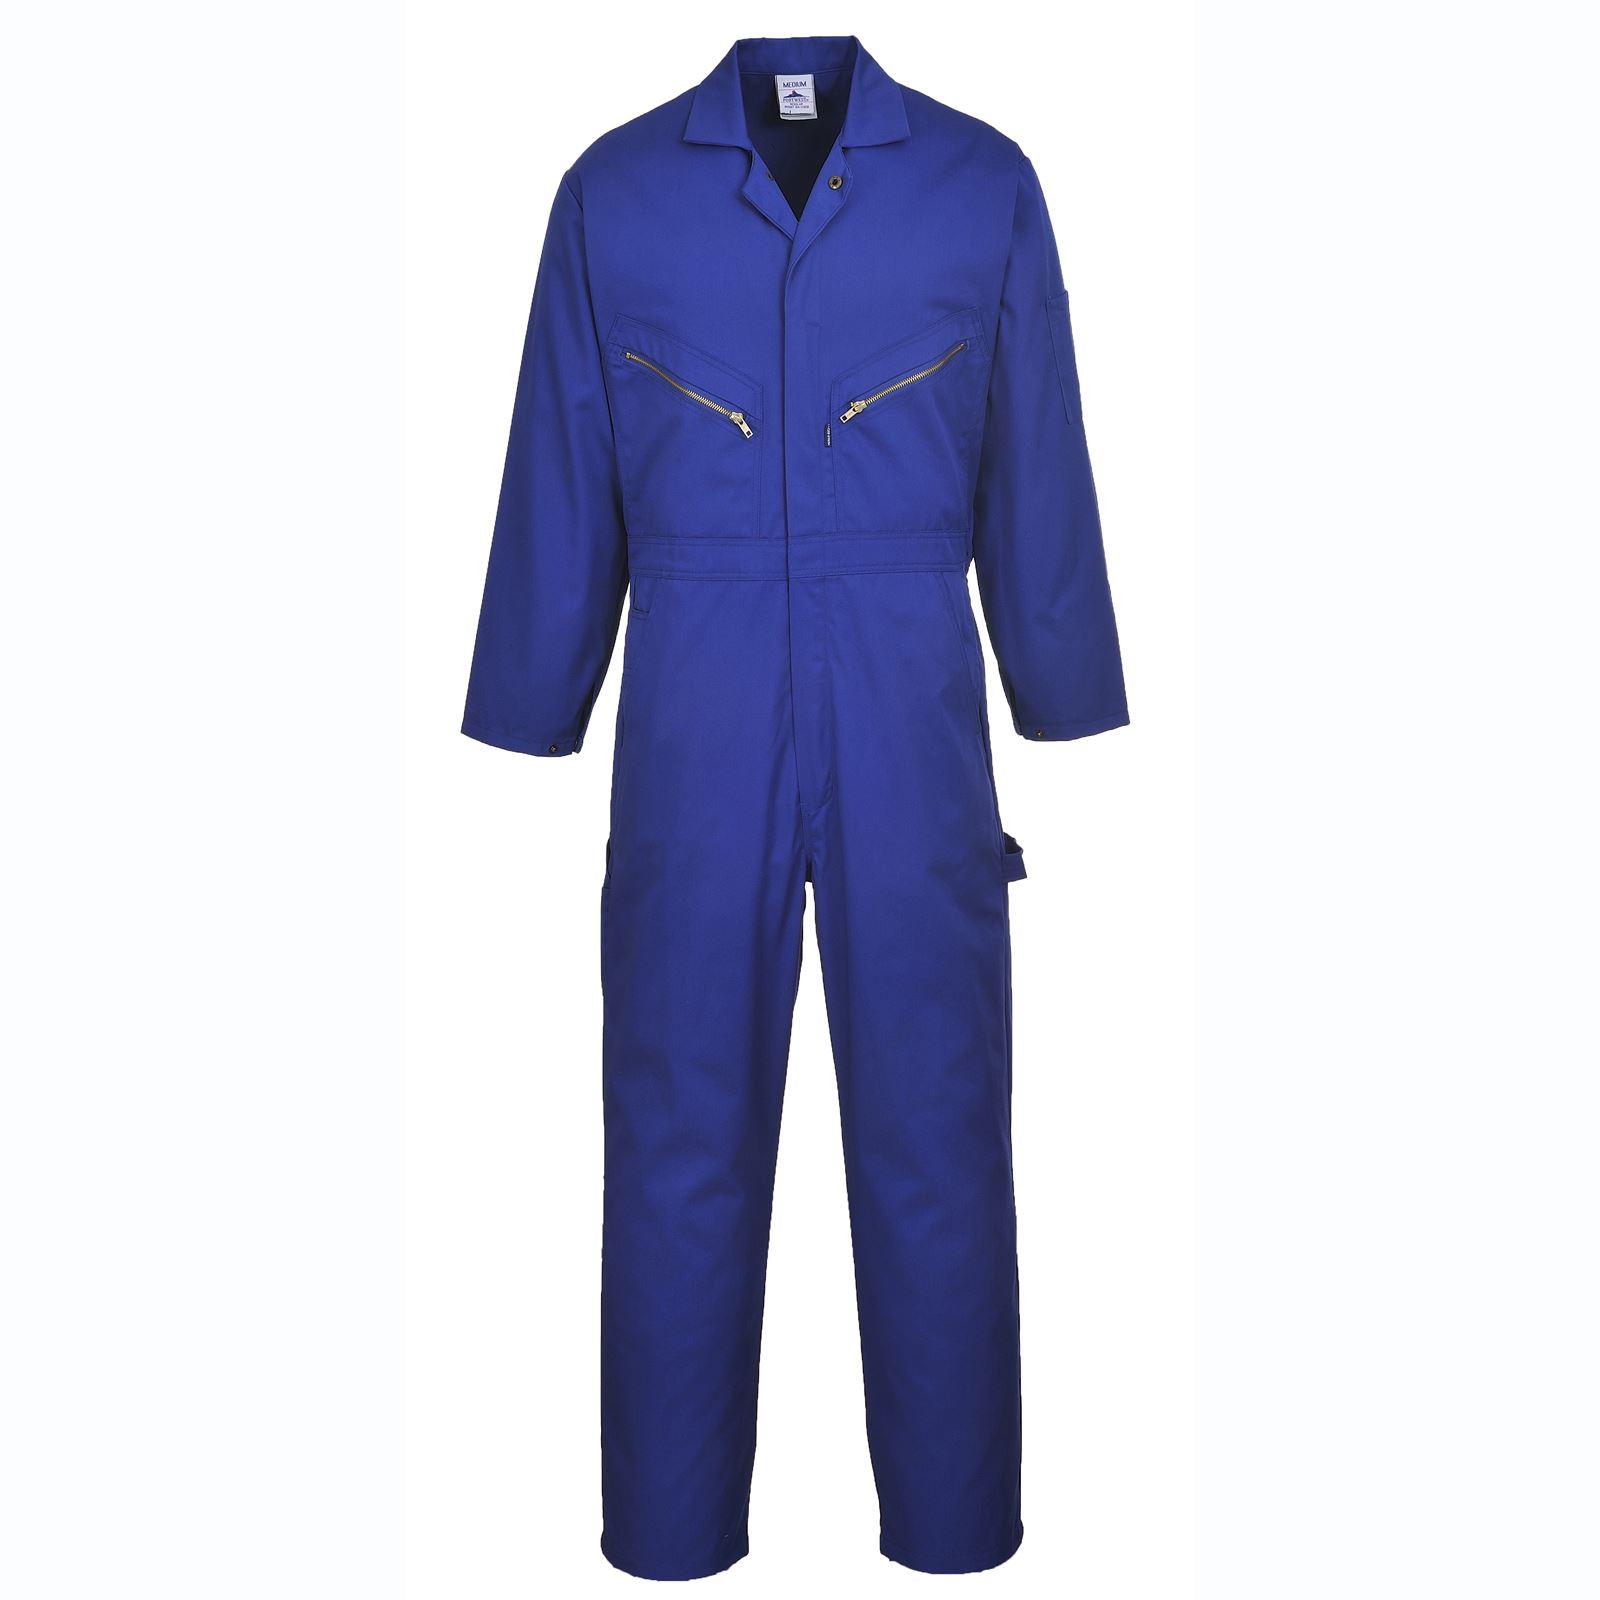 Portwest-Coton-Combinaison-Bleu-De-Chauffe-Fermeture-Eclair-A-L-039-avant